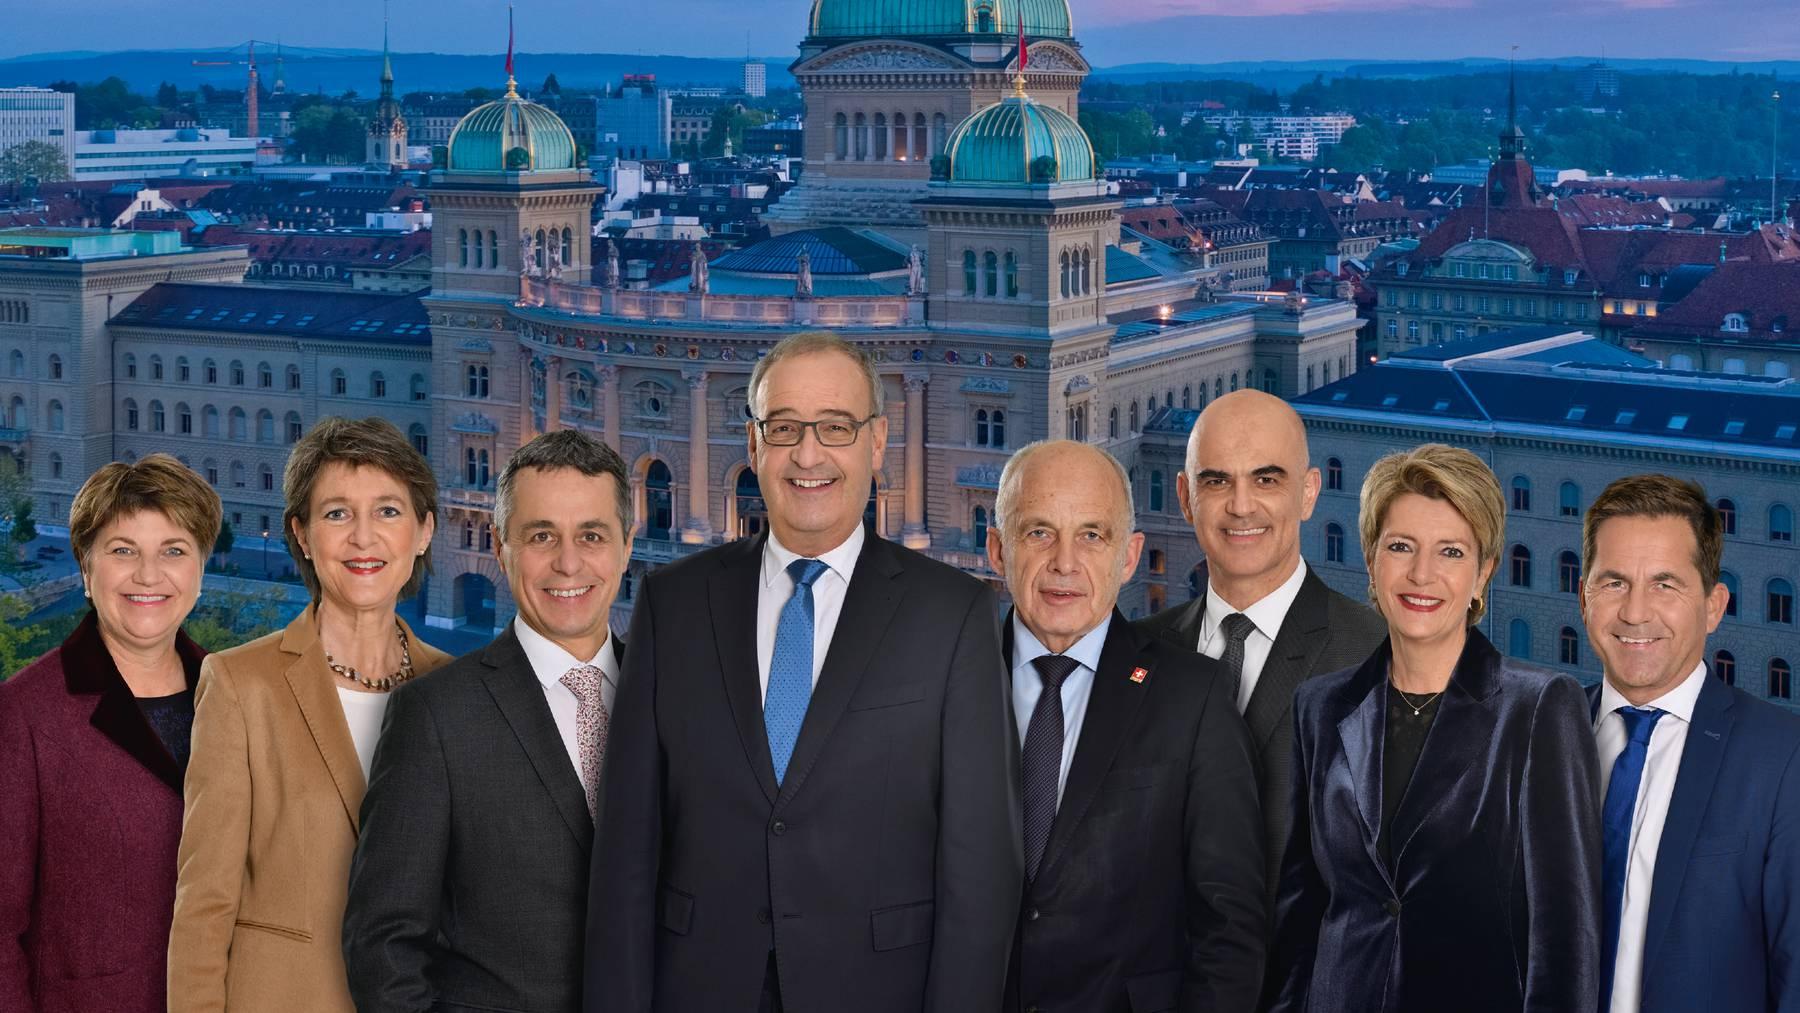 Bundesratsfoto 2021_RGB_highres